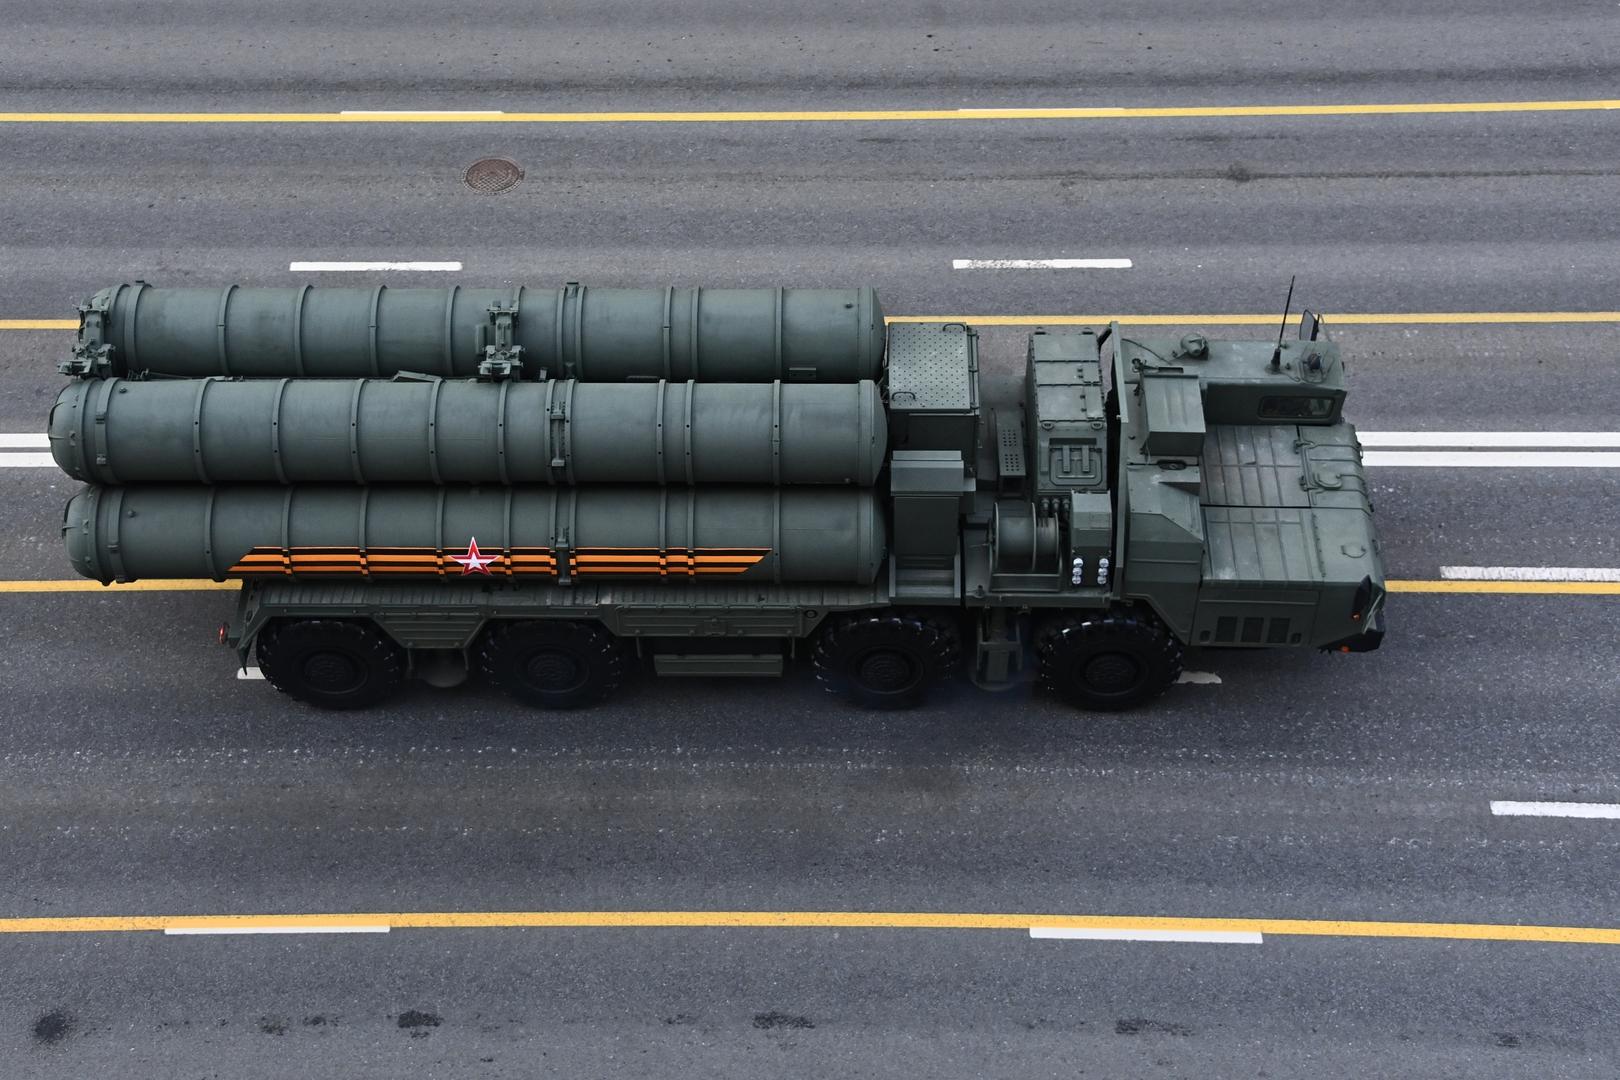 مجلة أمريكية تسلط الضوء على سلاح روسي